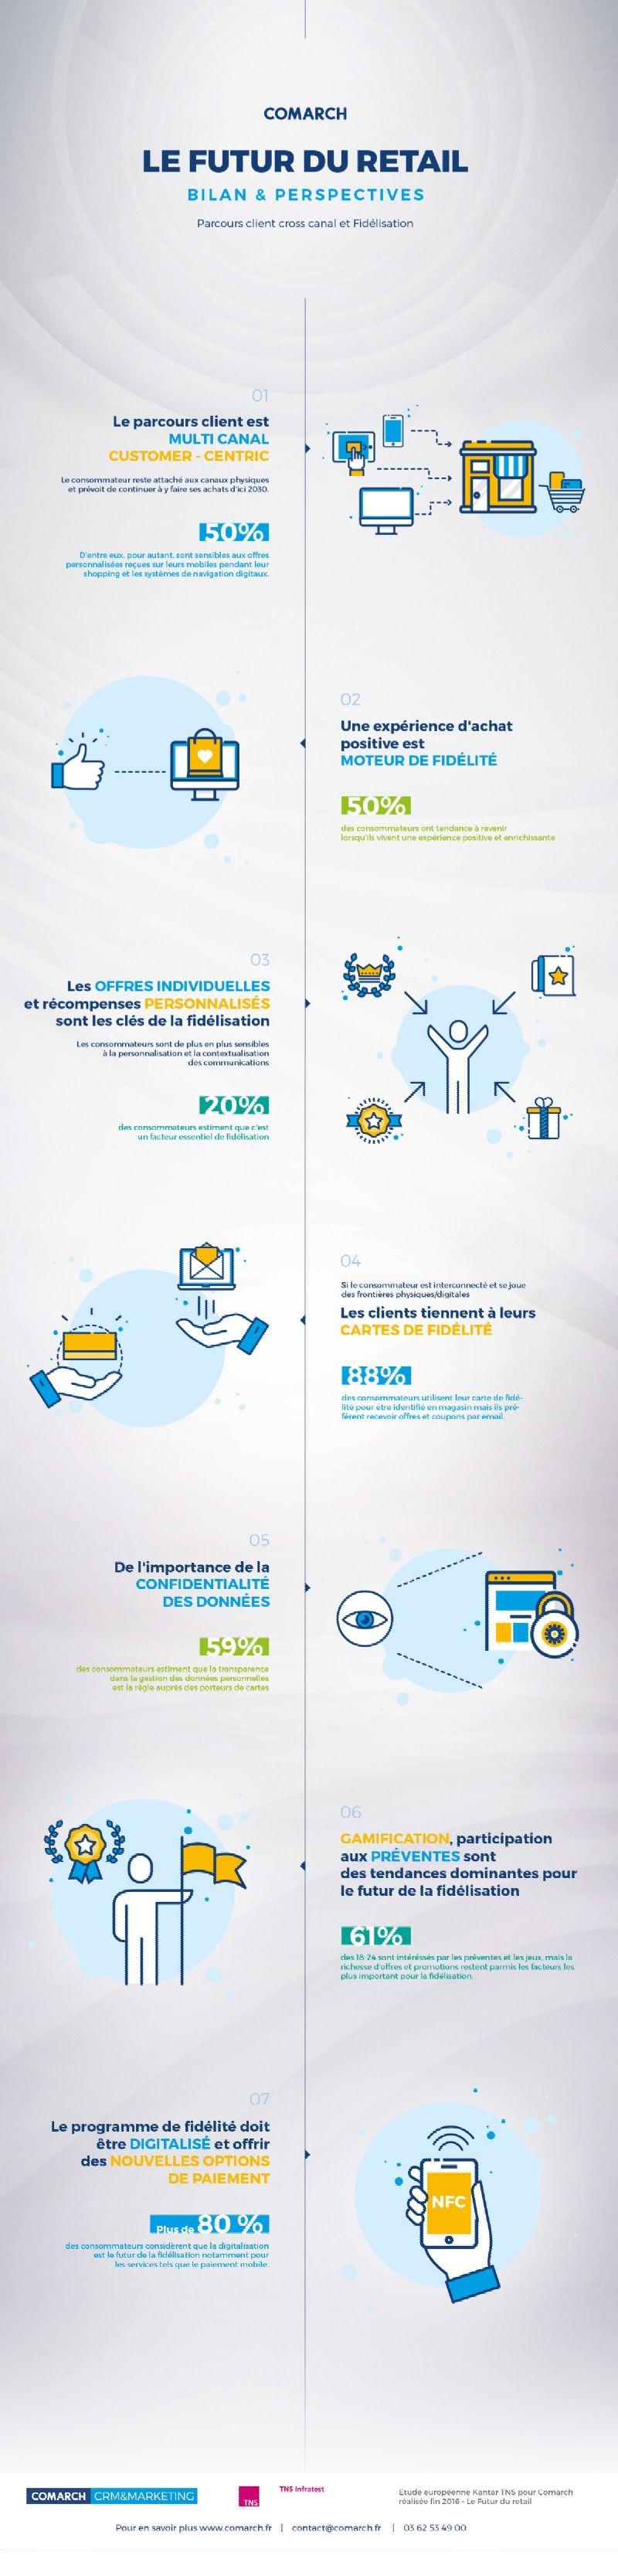 http://s1.edi-static.fr/Img/INFOGRAPHIE/2017/3/315543/2030-consommateurs-acheteront-magasin-F.jpg